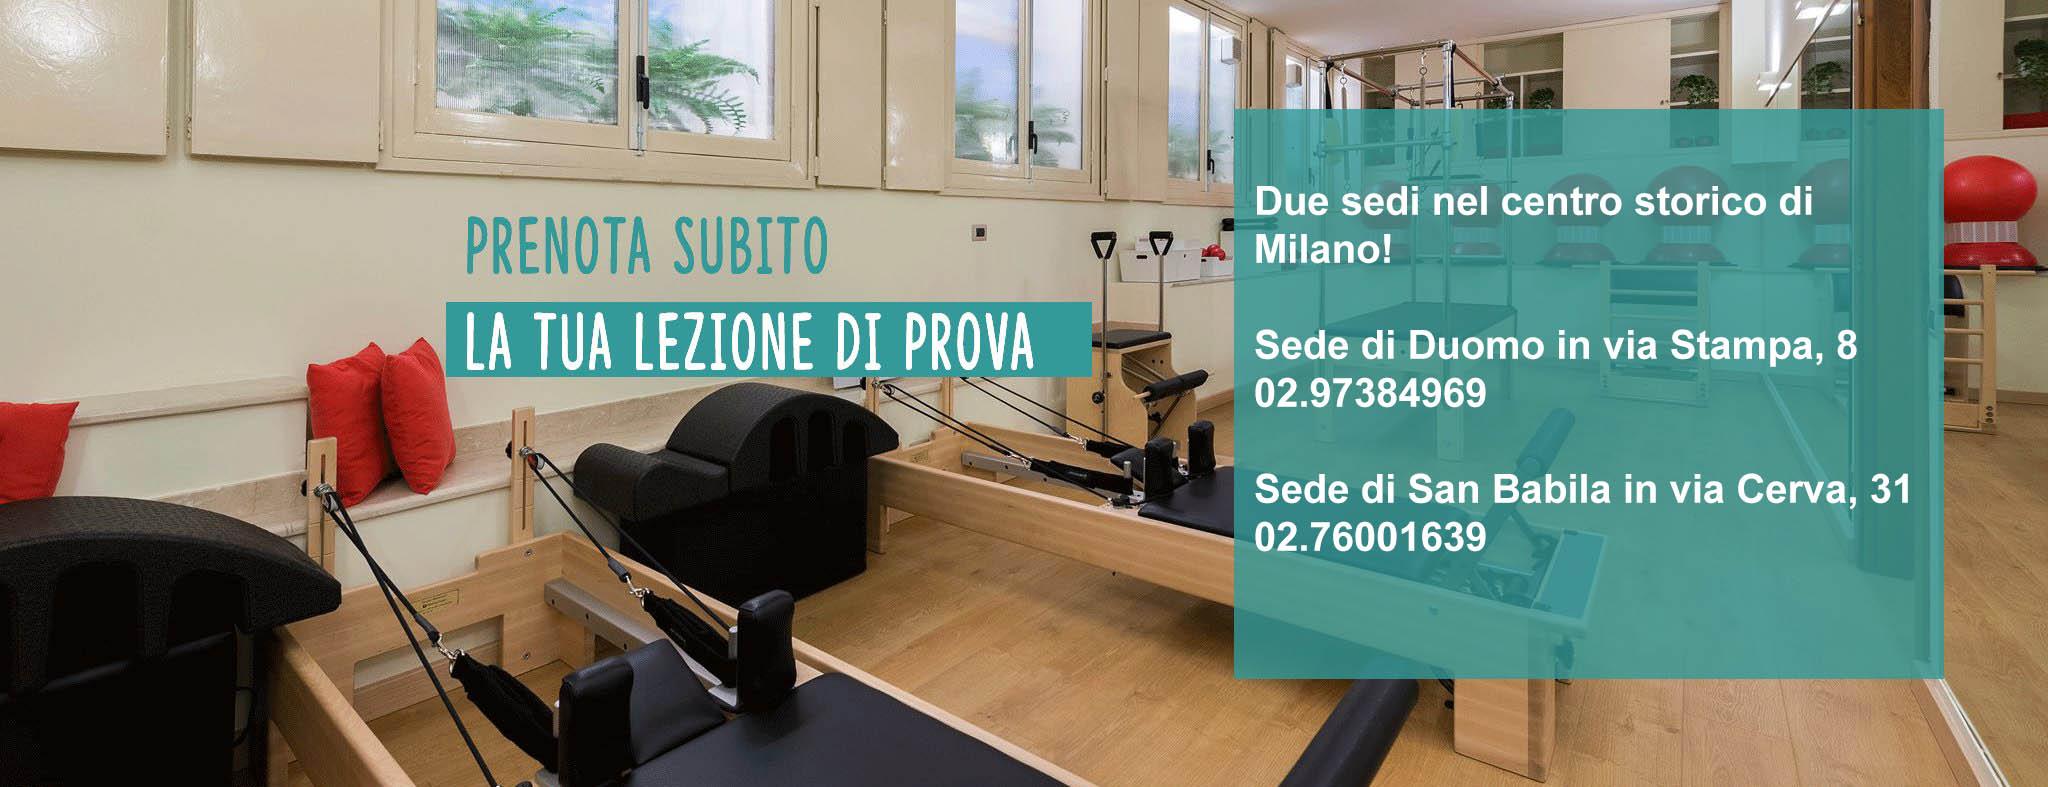 Ginnastica Posturale Tolstoj Milano - Prenota subito la tua lezione di prova